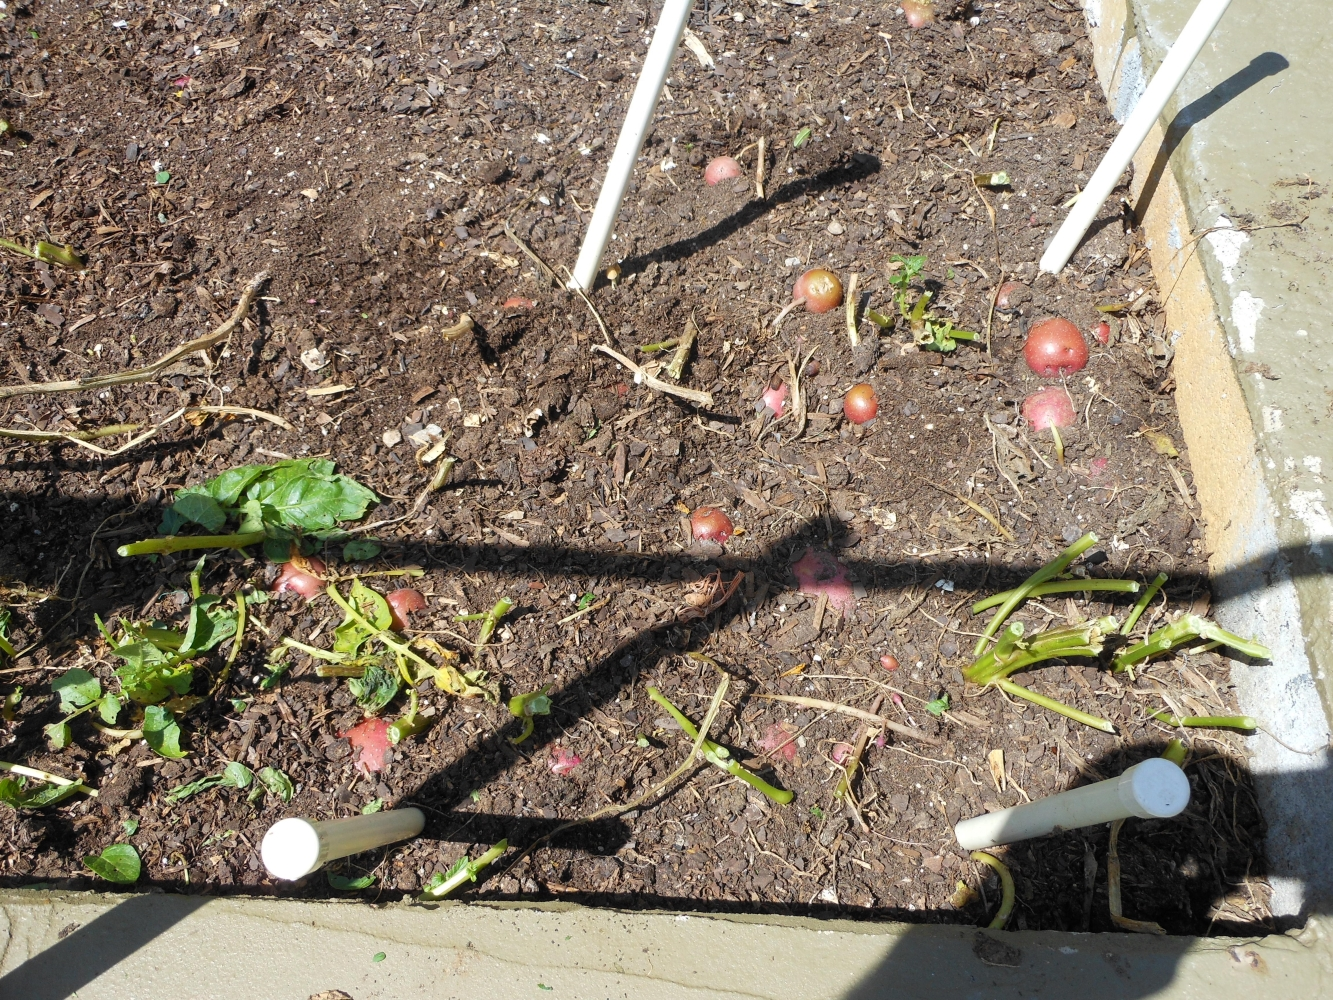 06-27-14_Picking_Potatoes_03